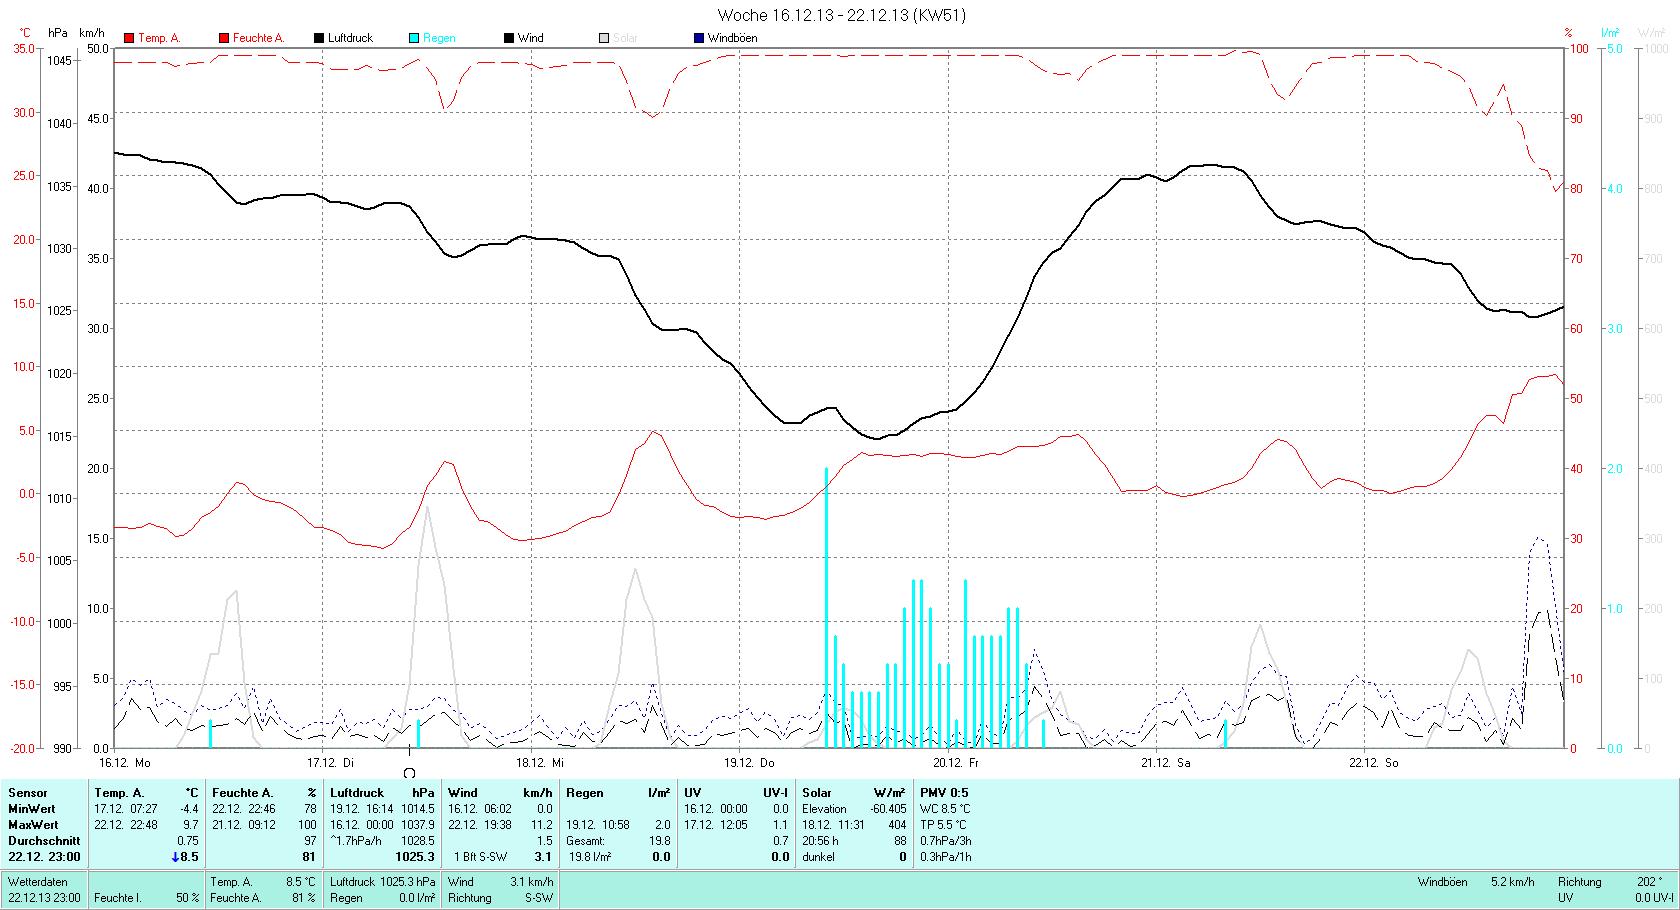 KW 51 Tmin -4.4°C, Tmax 9.7°C, Sonne 8:57h, Niederschlag 19.8mm/2